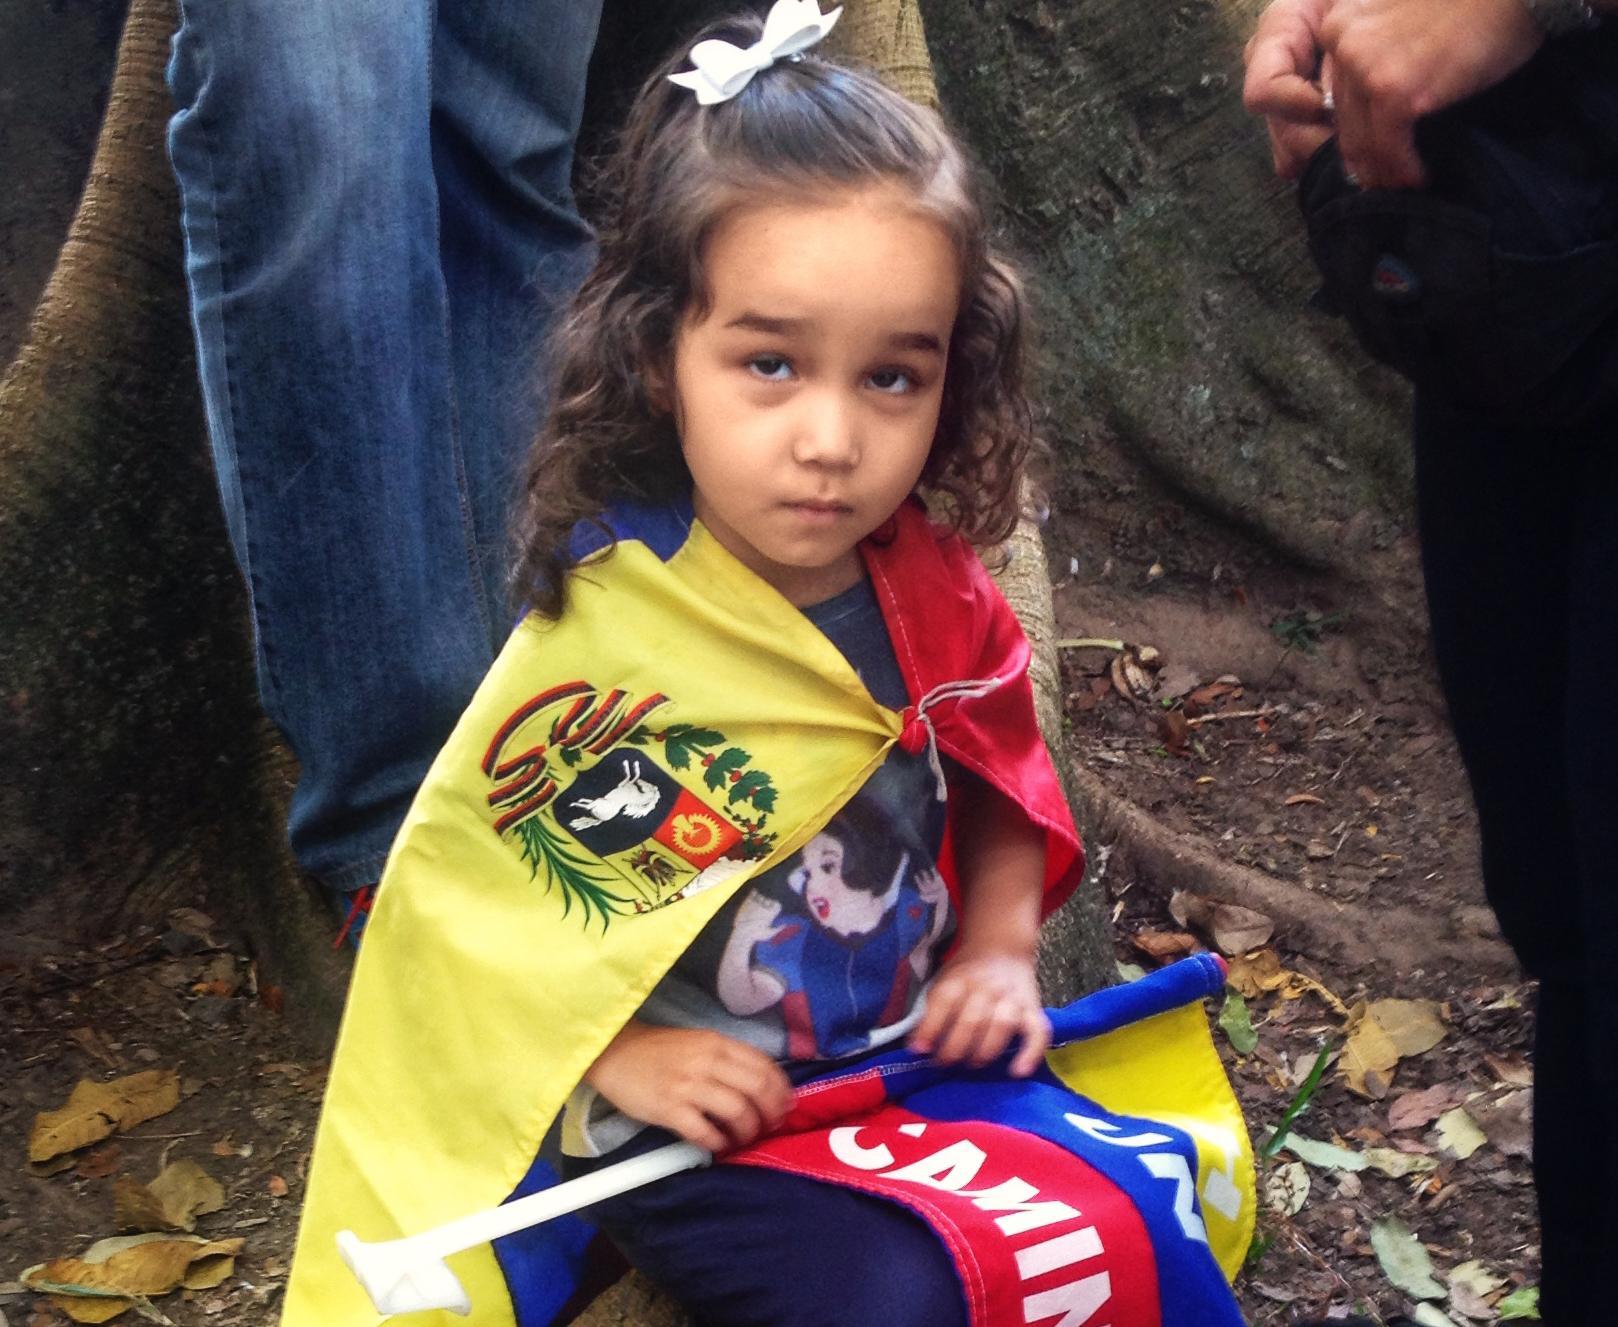 A young Venezuelan girl